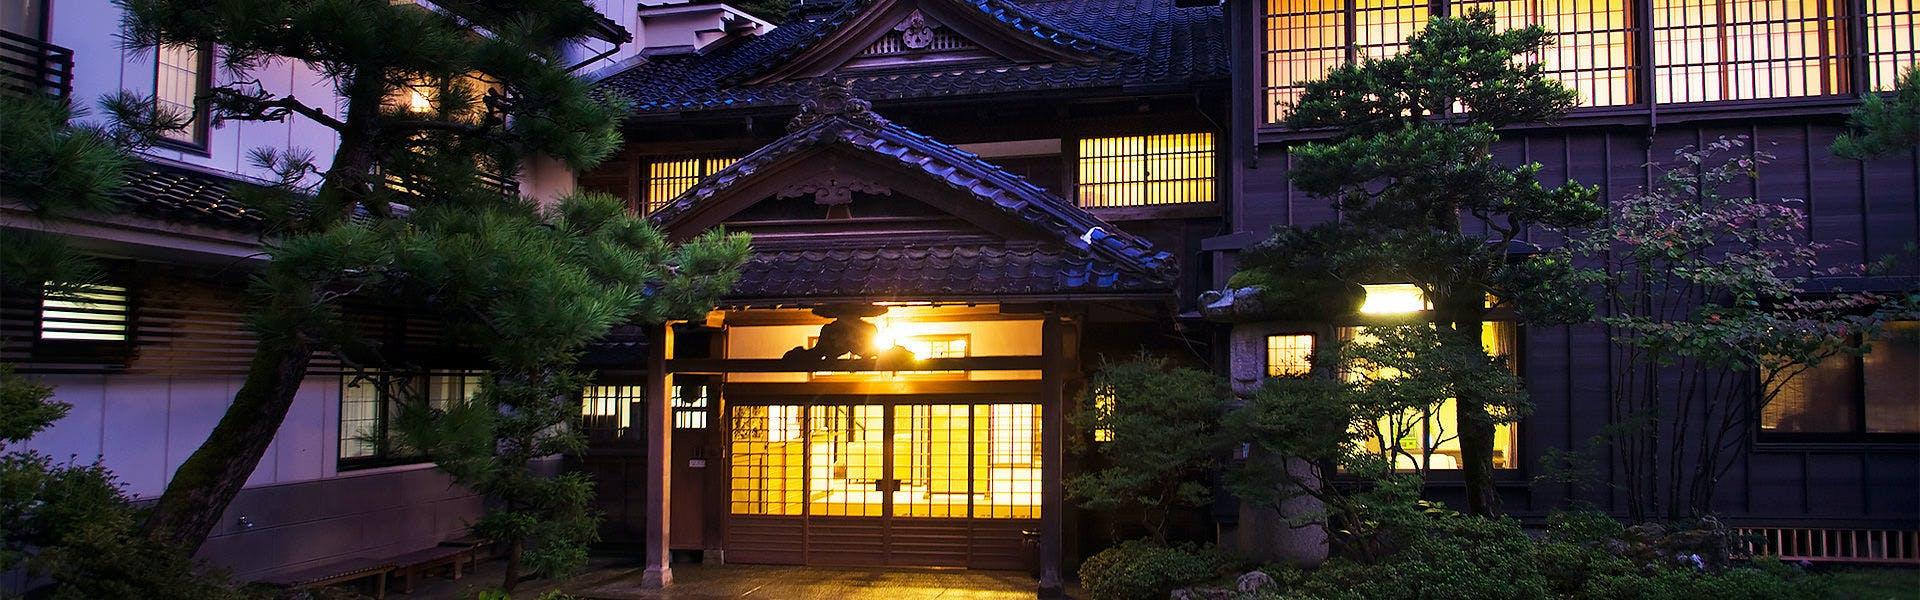 記念日におすすめのホテル・深谷温泉 元湯石屋の写真1